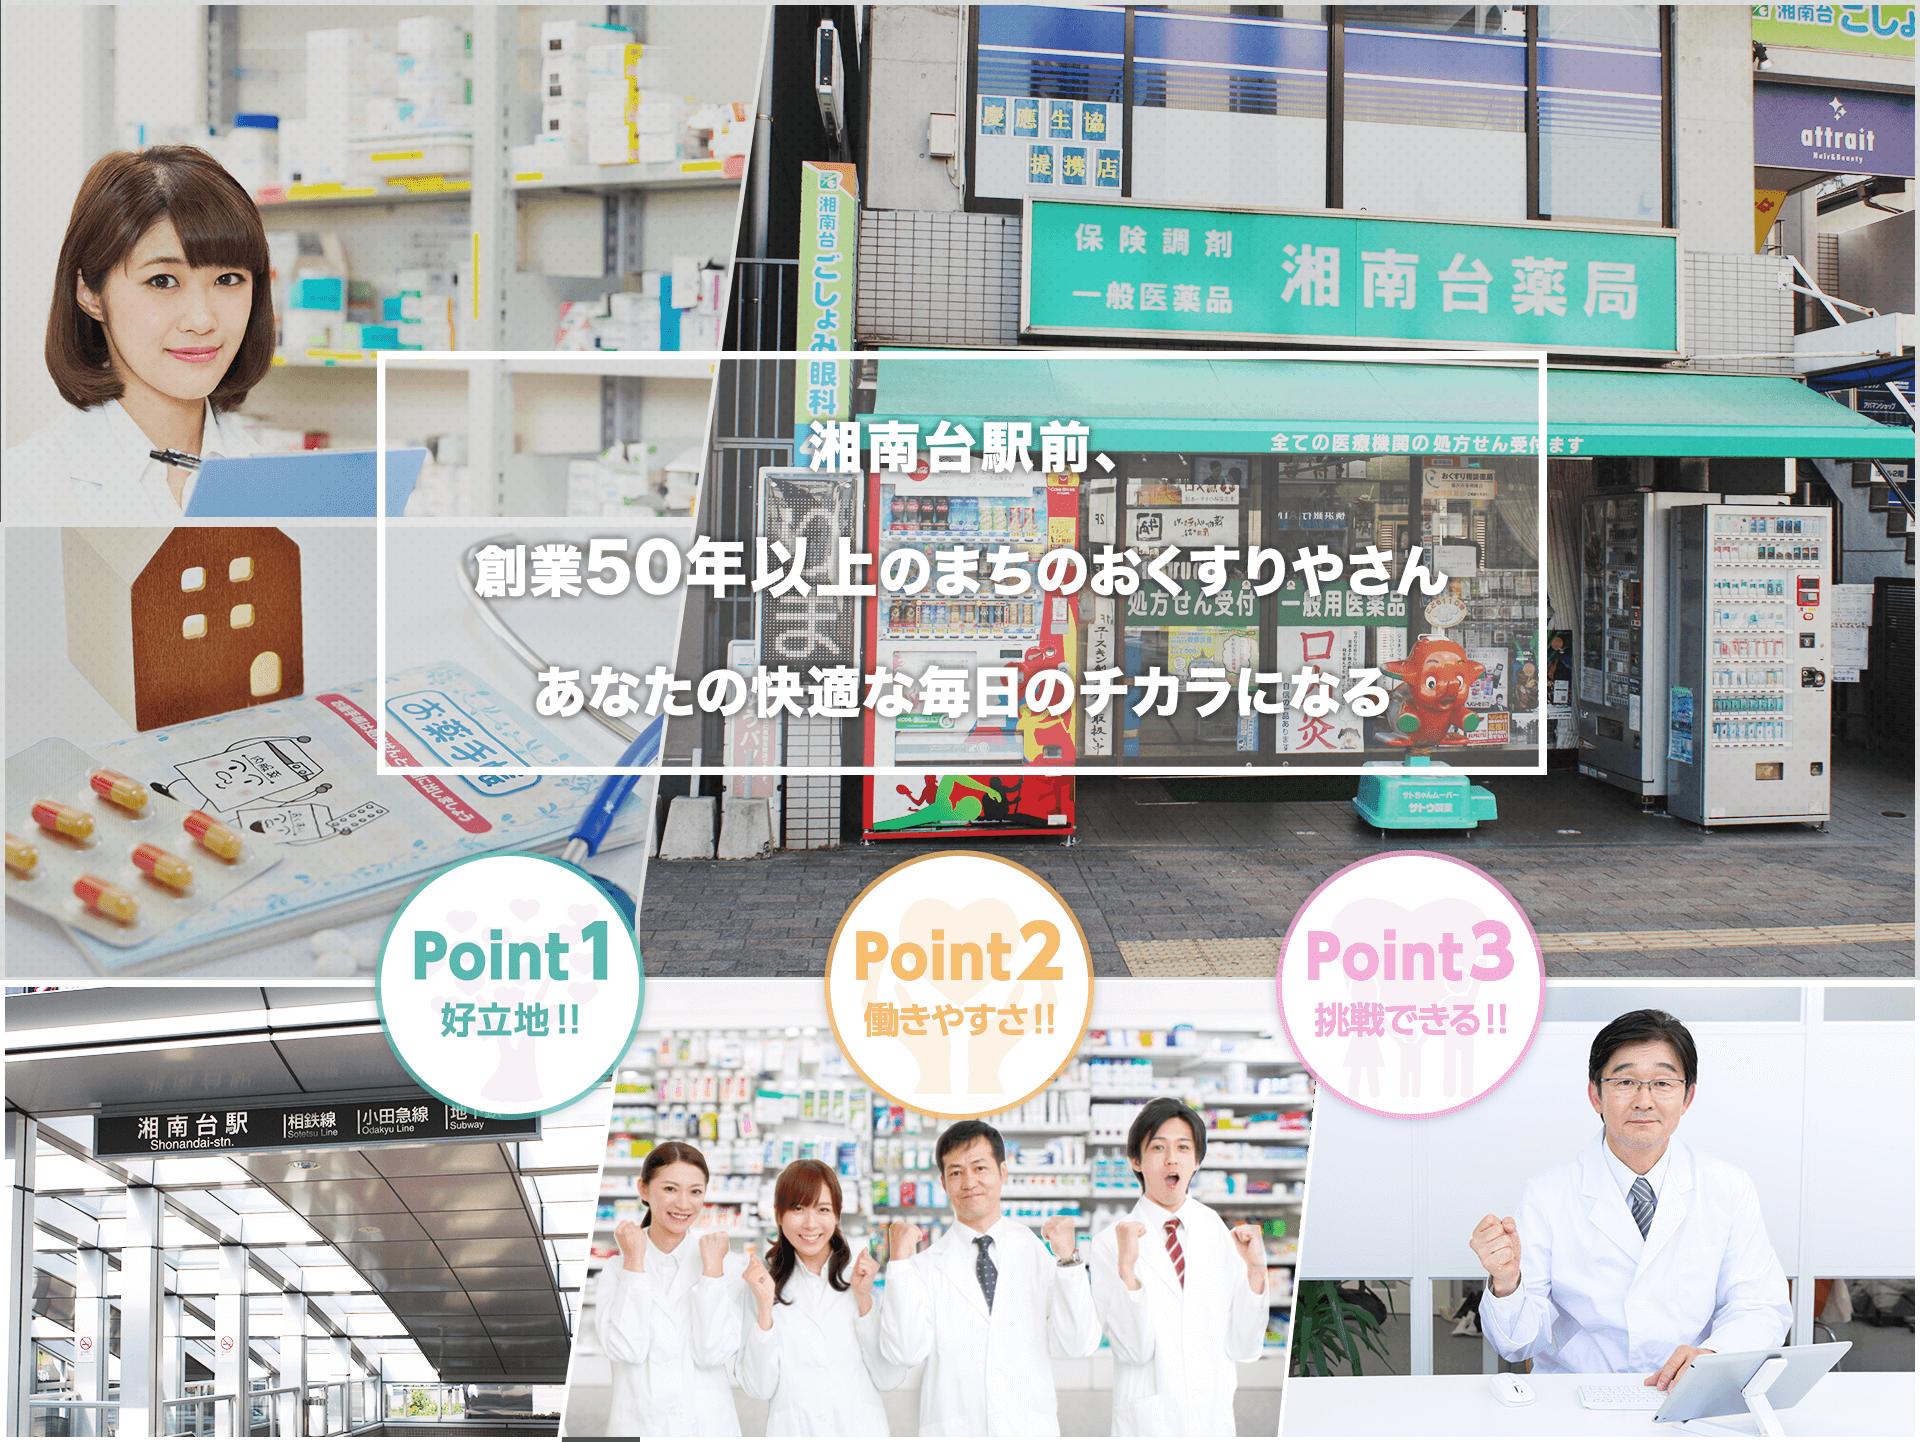 湘南台駅前、創業50年以上のまちのおくすりやさんあなたの快適な毎日のチカラになる